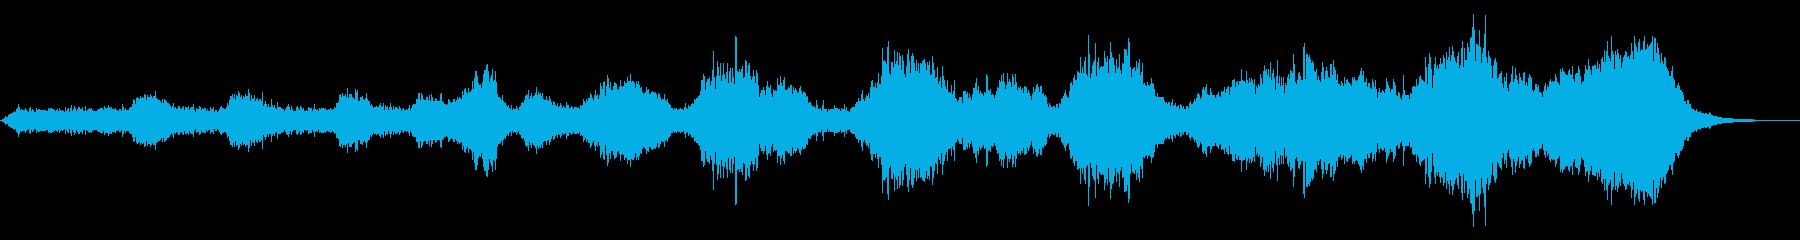 静謐な和風アンビエントの再生済みの波形